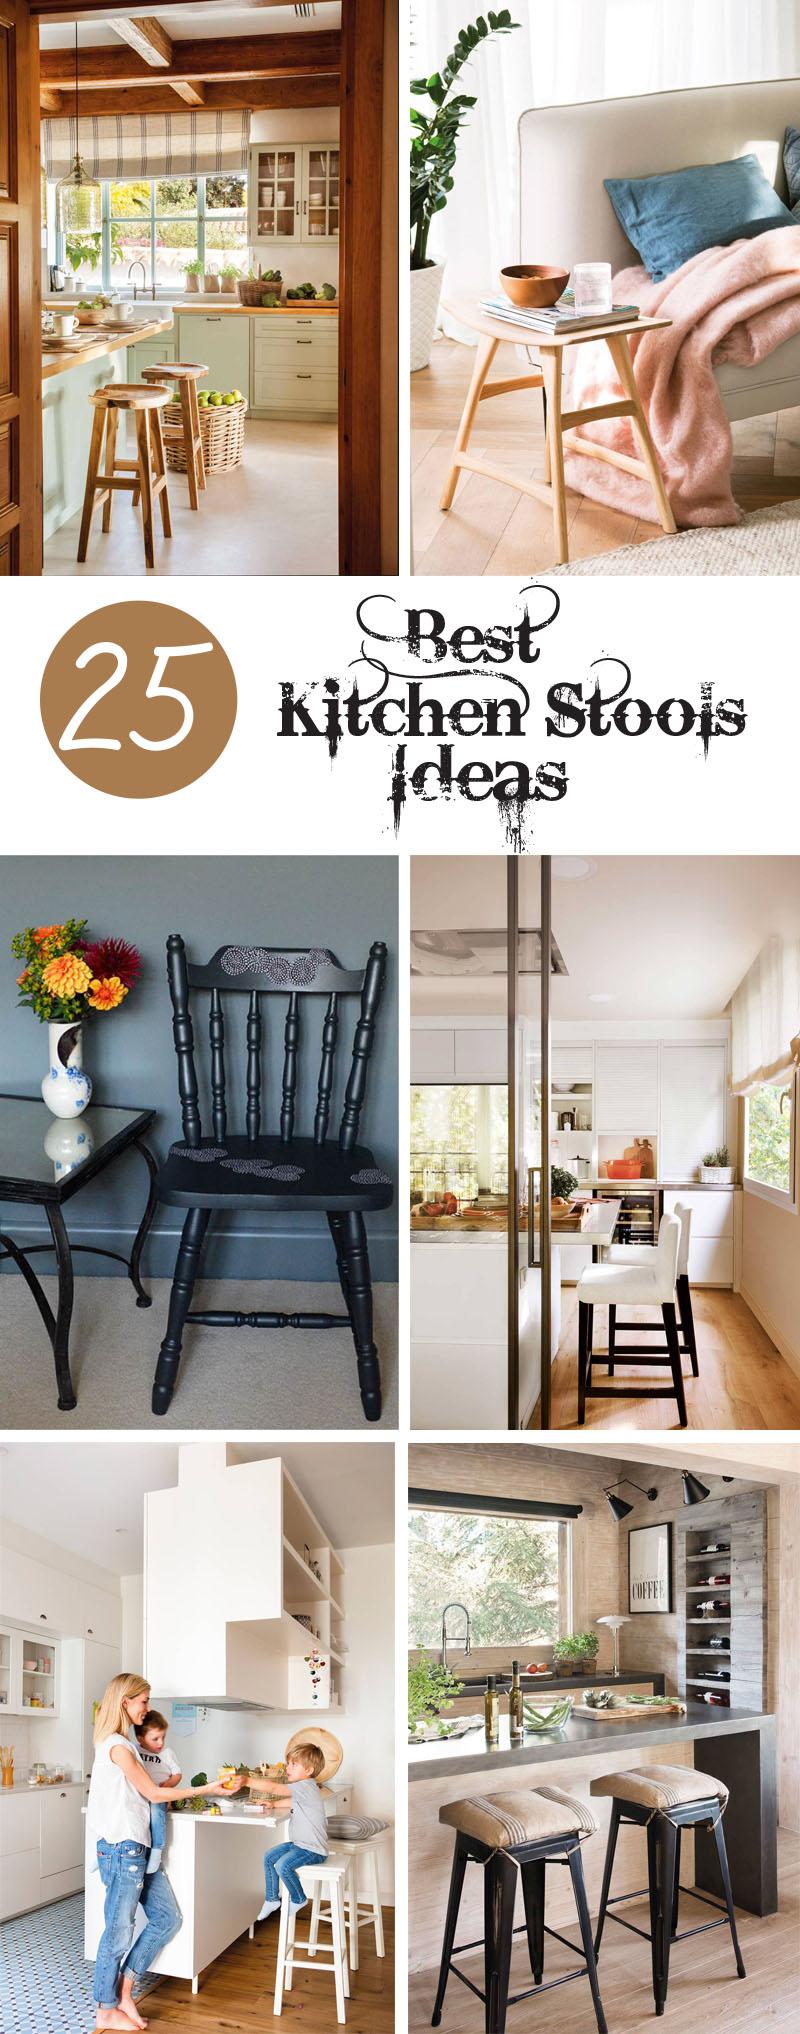 best kitchen stools ideas